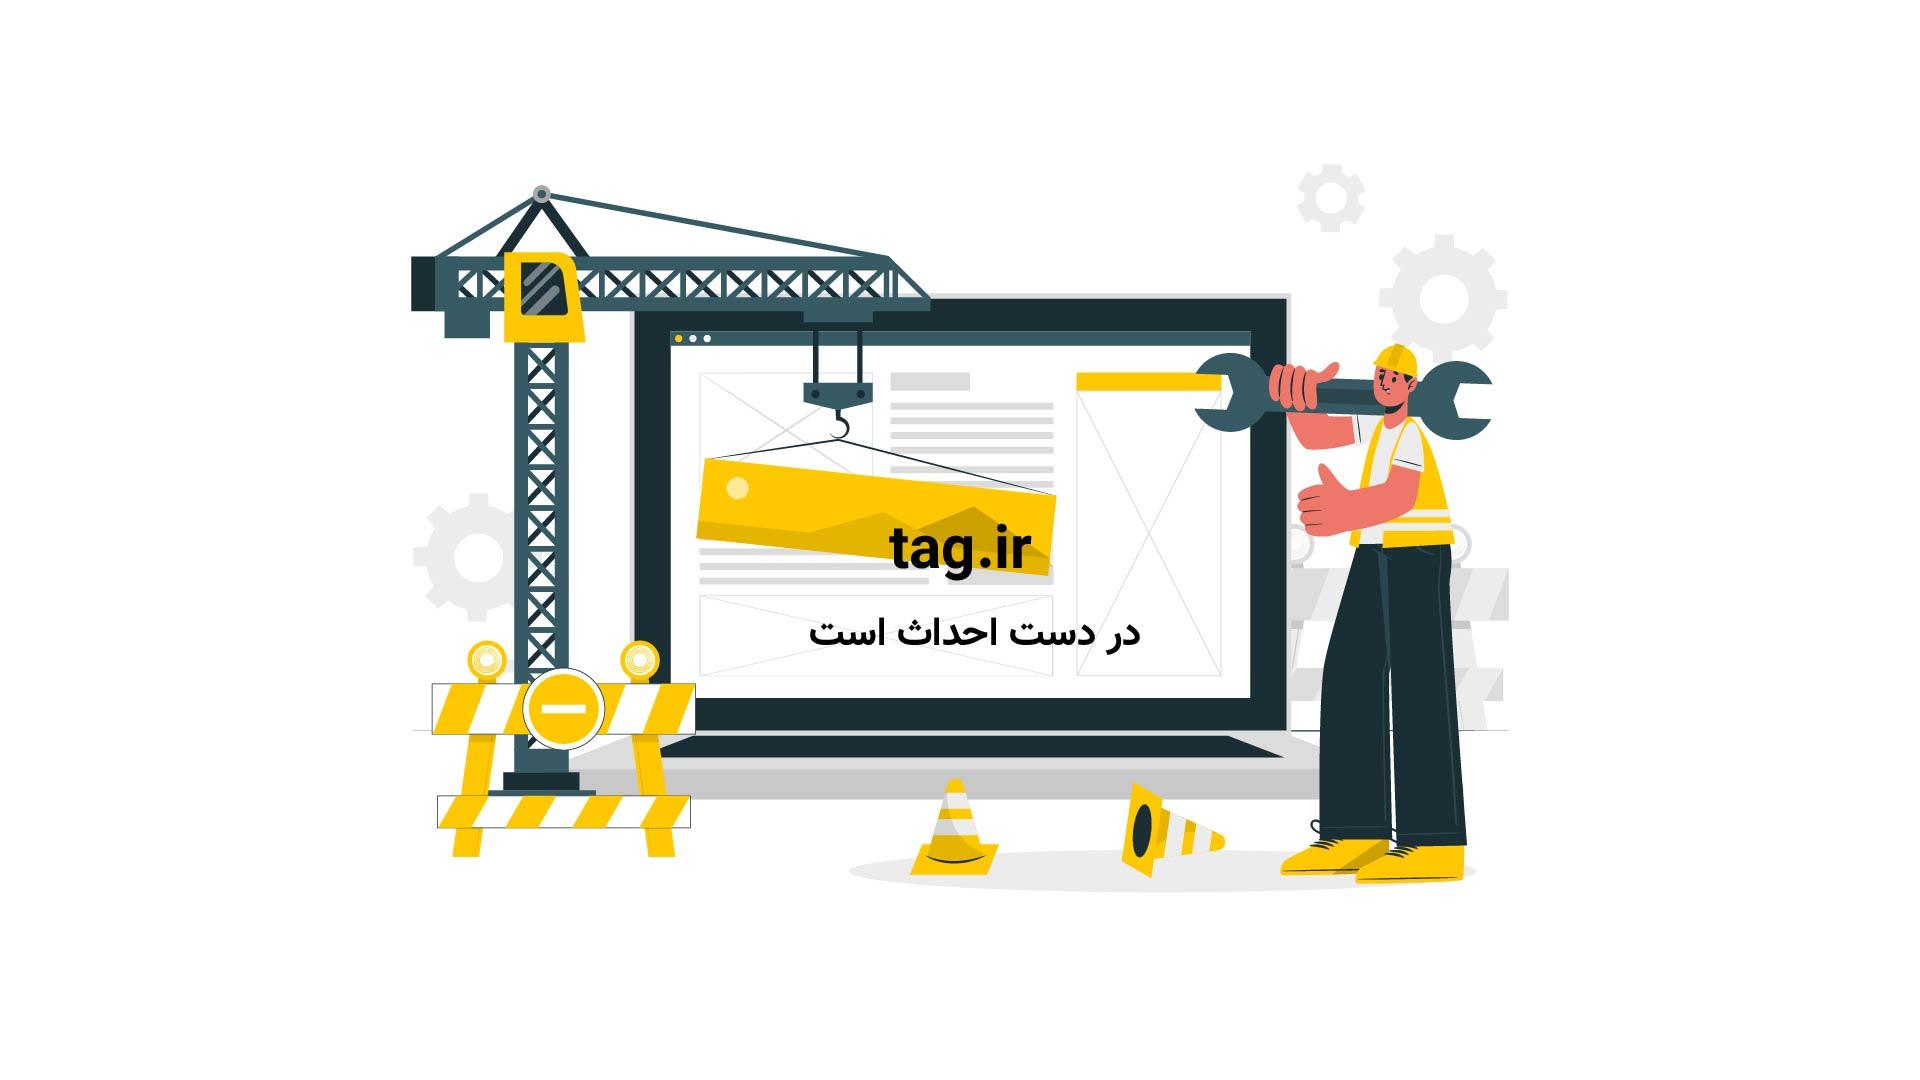 نقاشی سه بعدی خارق العاده از لیمو ترش | فیلم